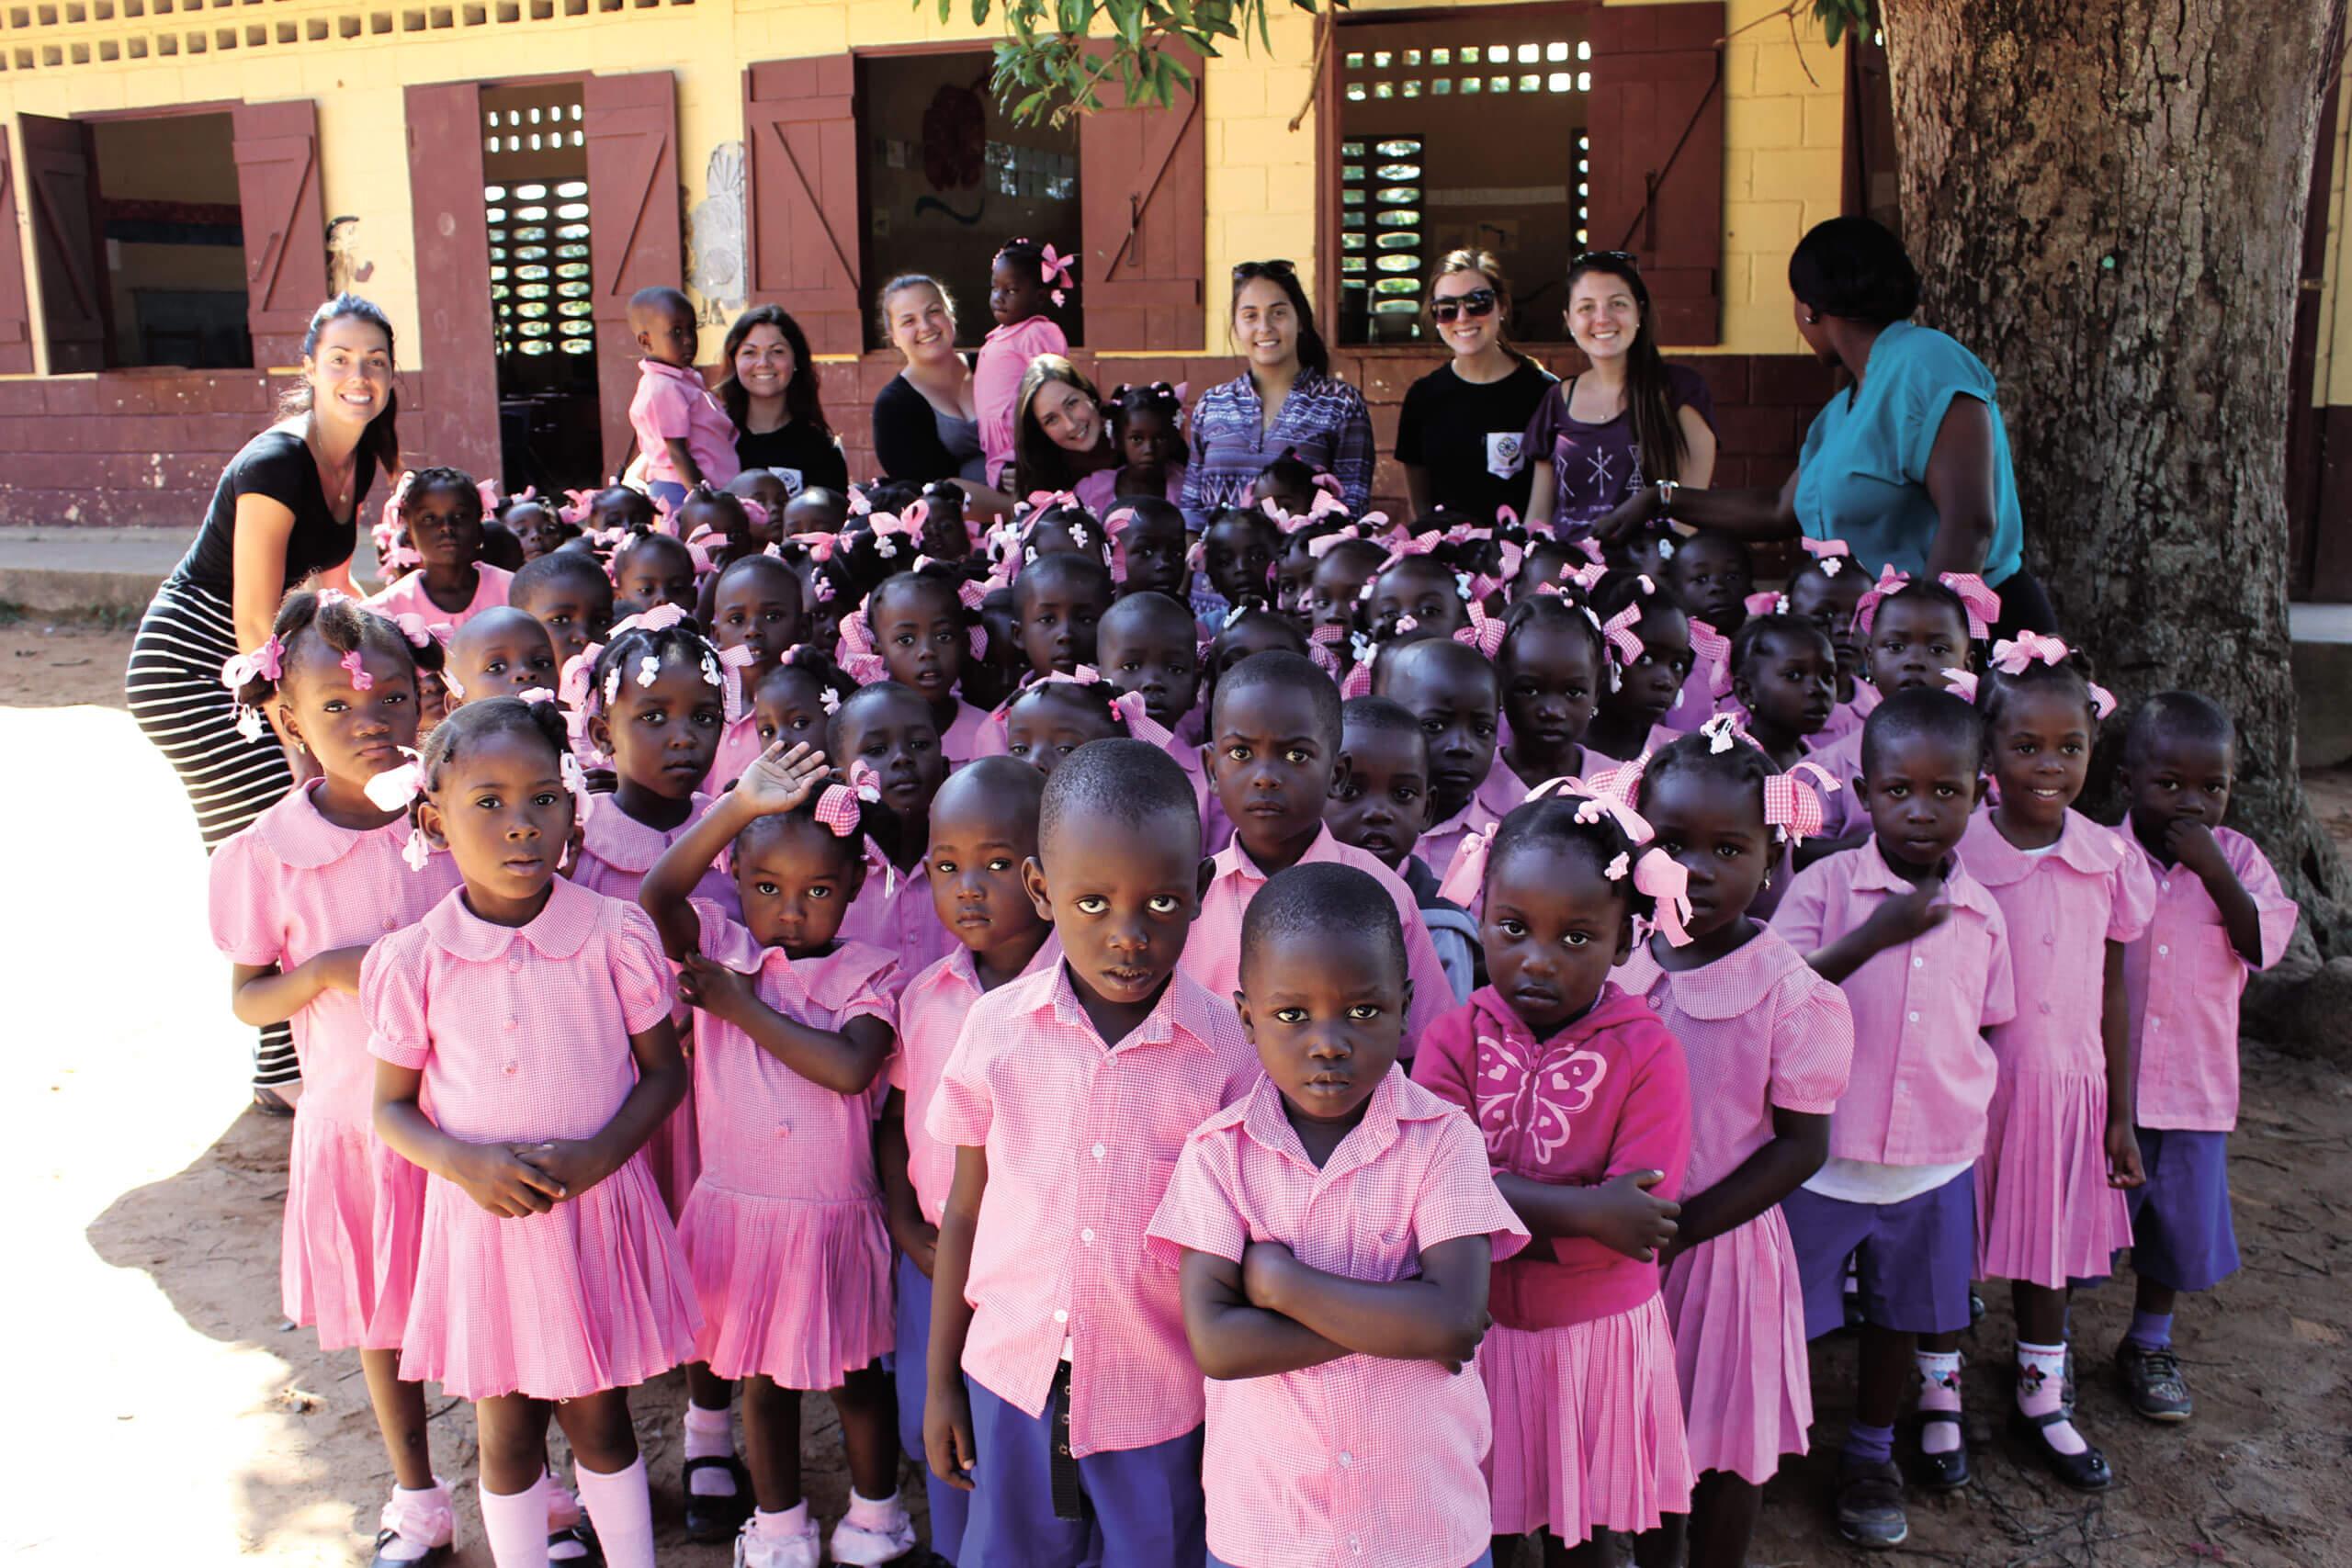 Les étudiantes de l'UQTR avec leur classe en Haïti